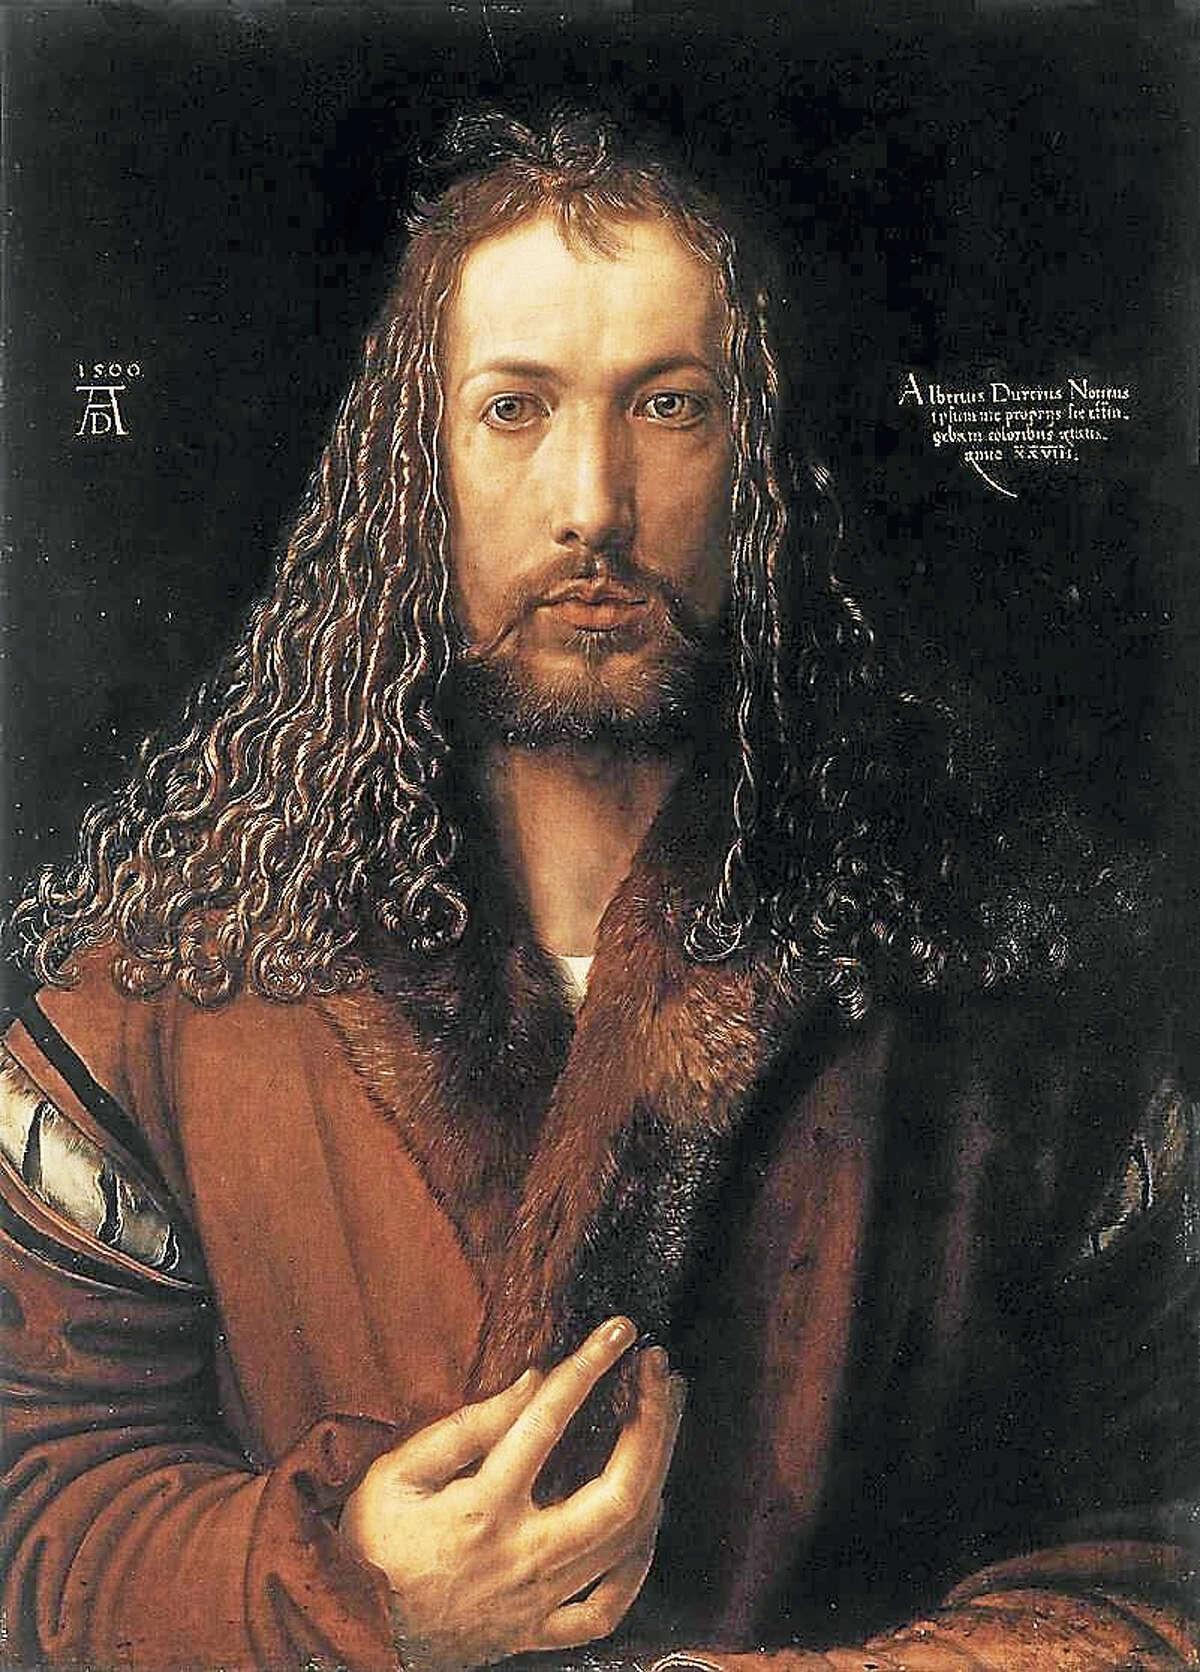 Durer's self portrait.